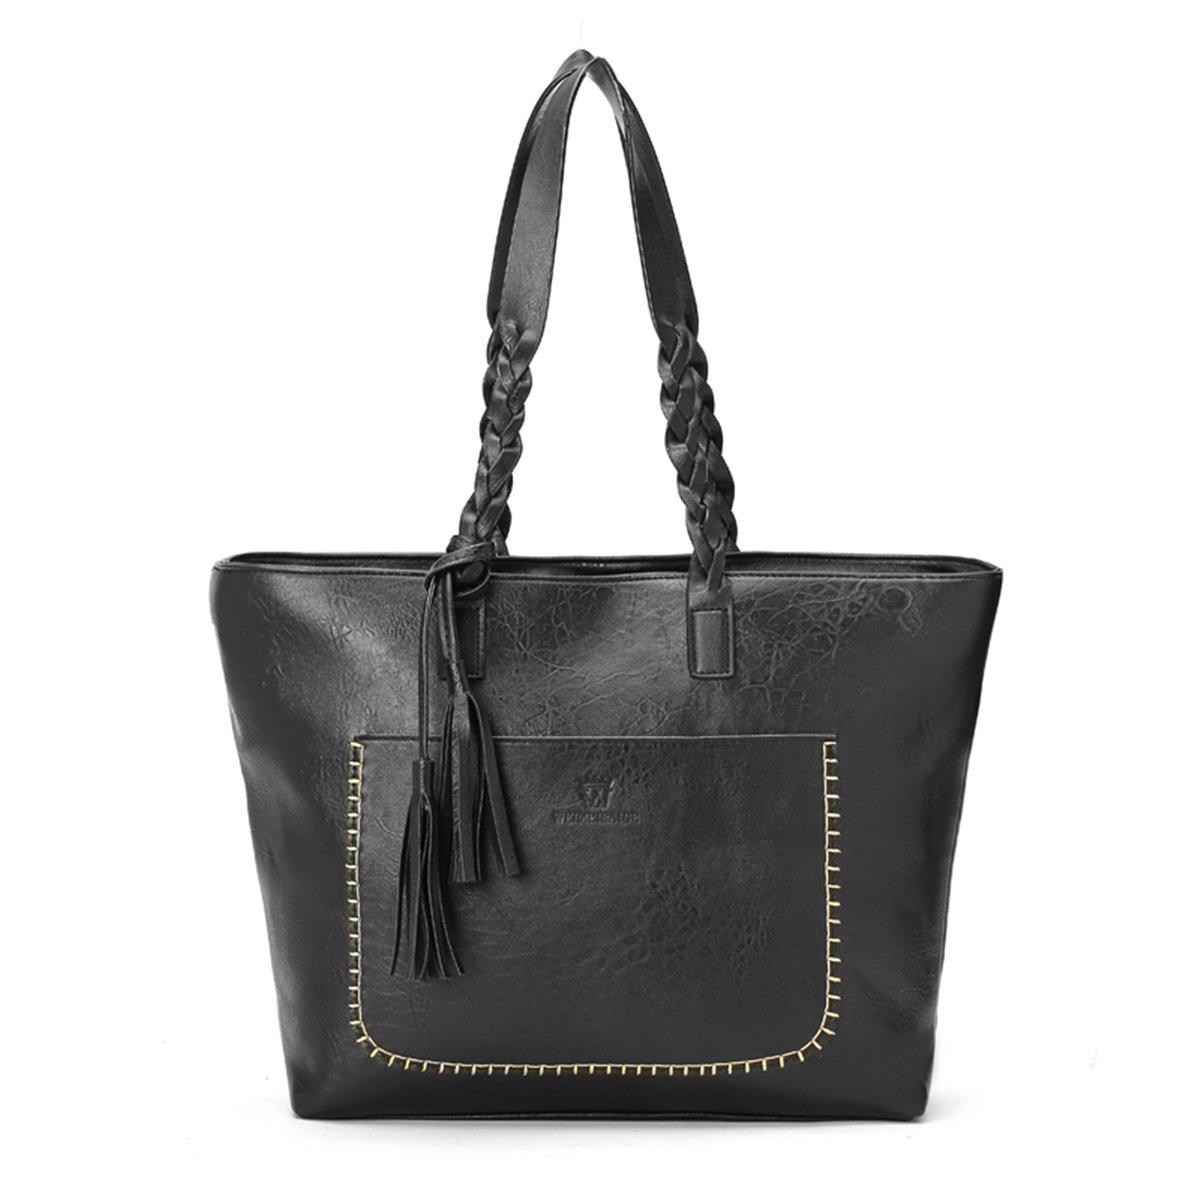 461a4c01237d Amazon.com  Women Vintage Tote Bag